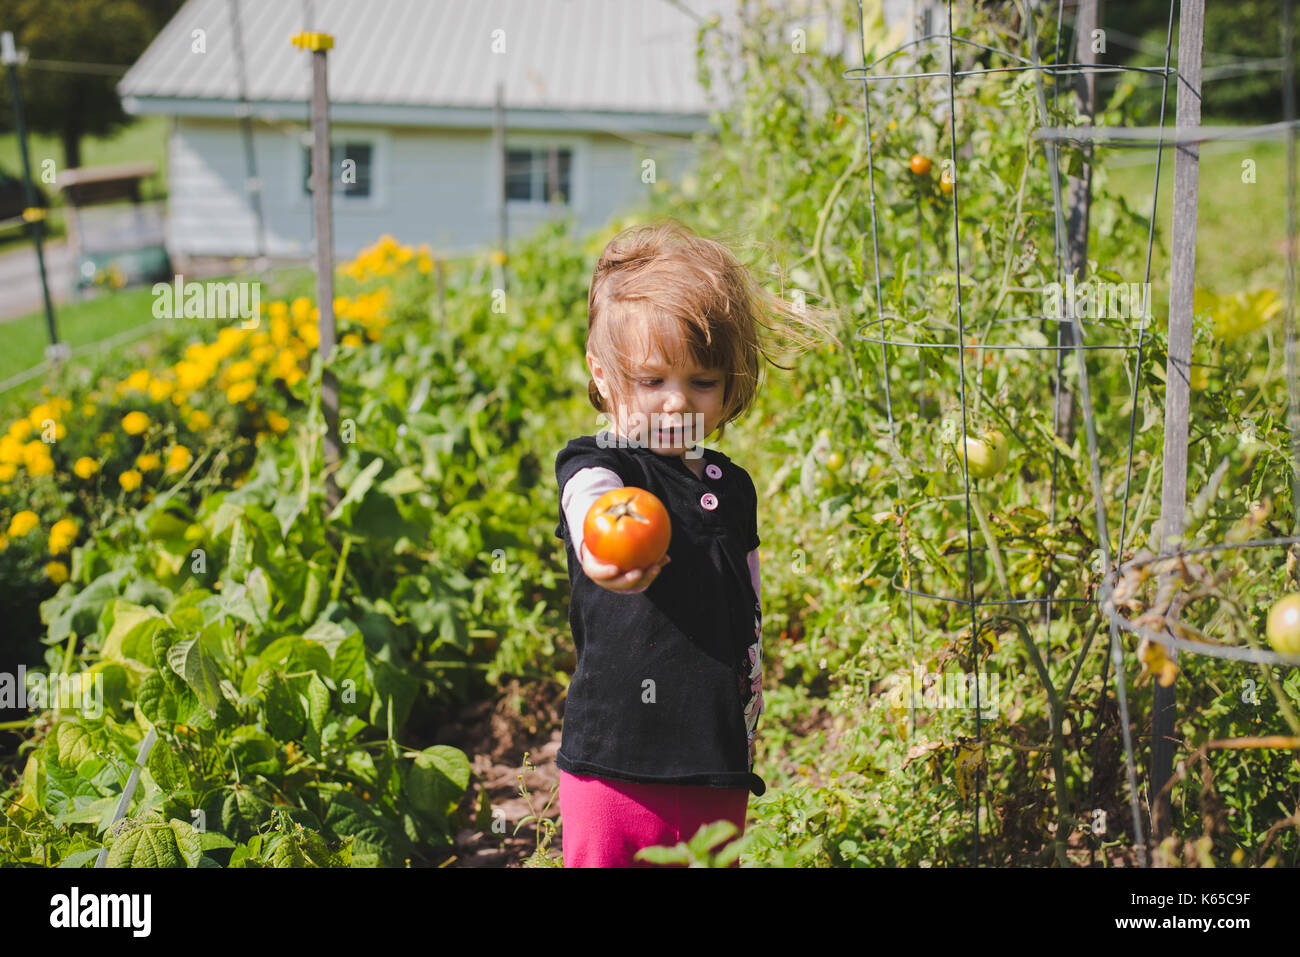 Una niña sostiene un tomate en la mano después de la recolección de la gardne. Imagen De Stock